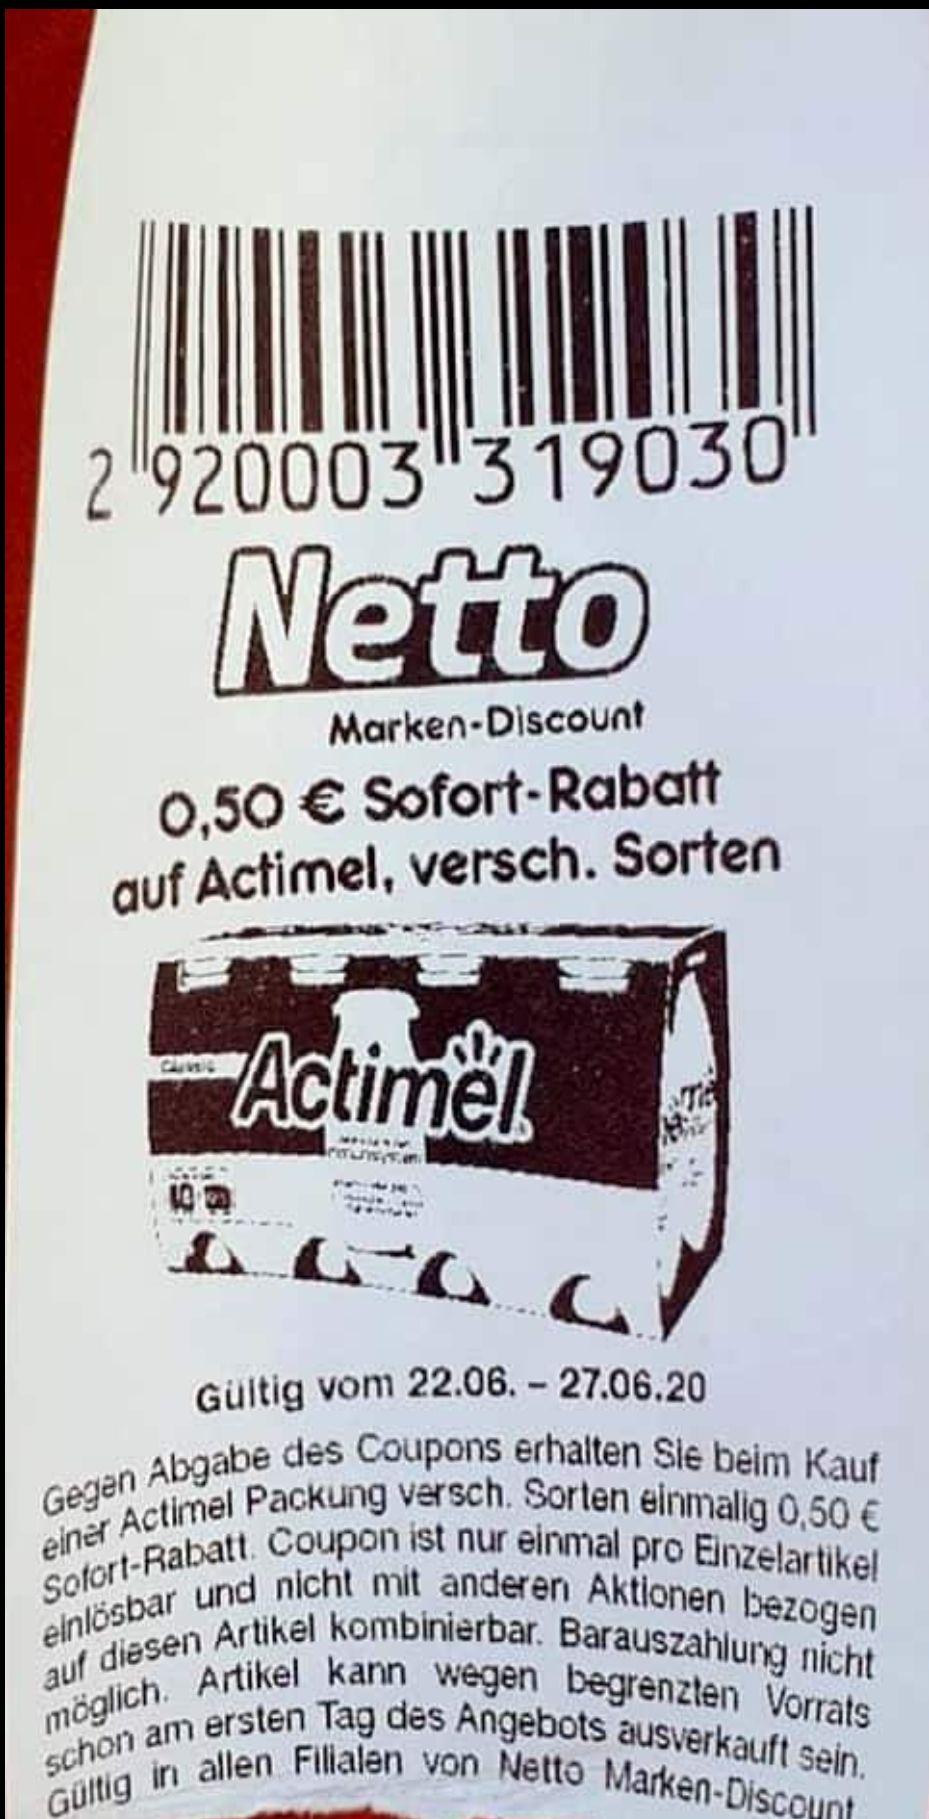 [Netto MD] 0,50€ Sofort-Rabatt auf alle Actimel Produkte